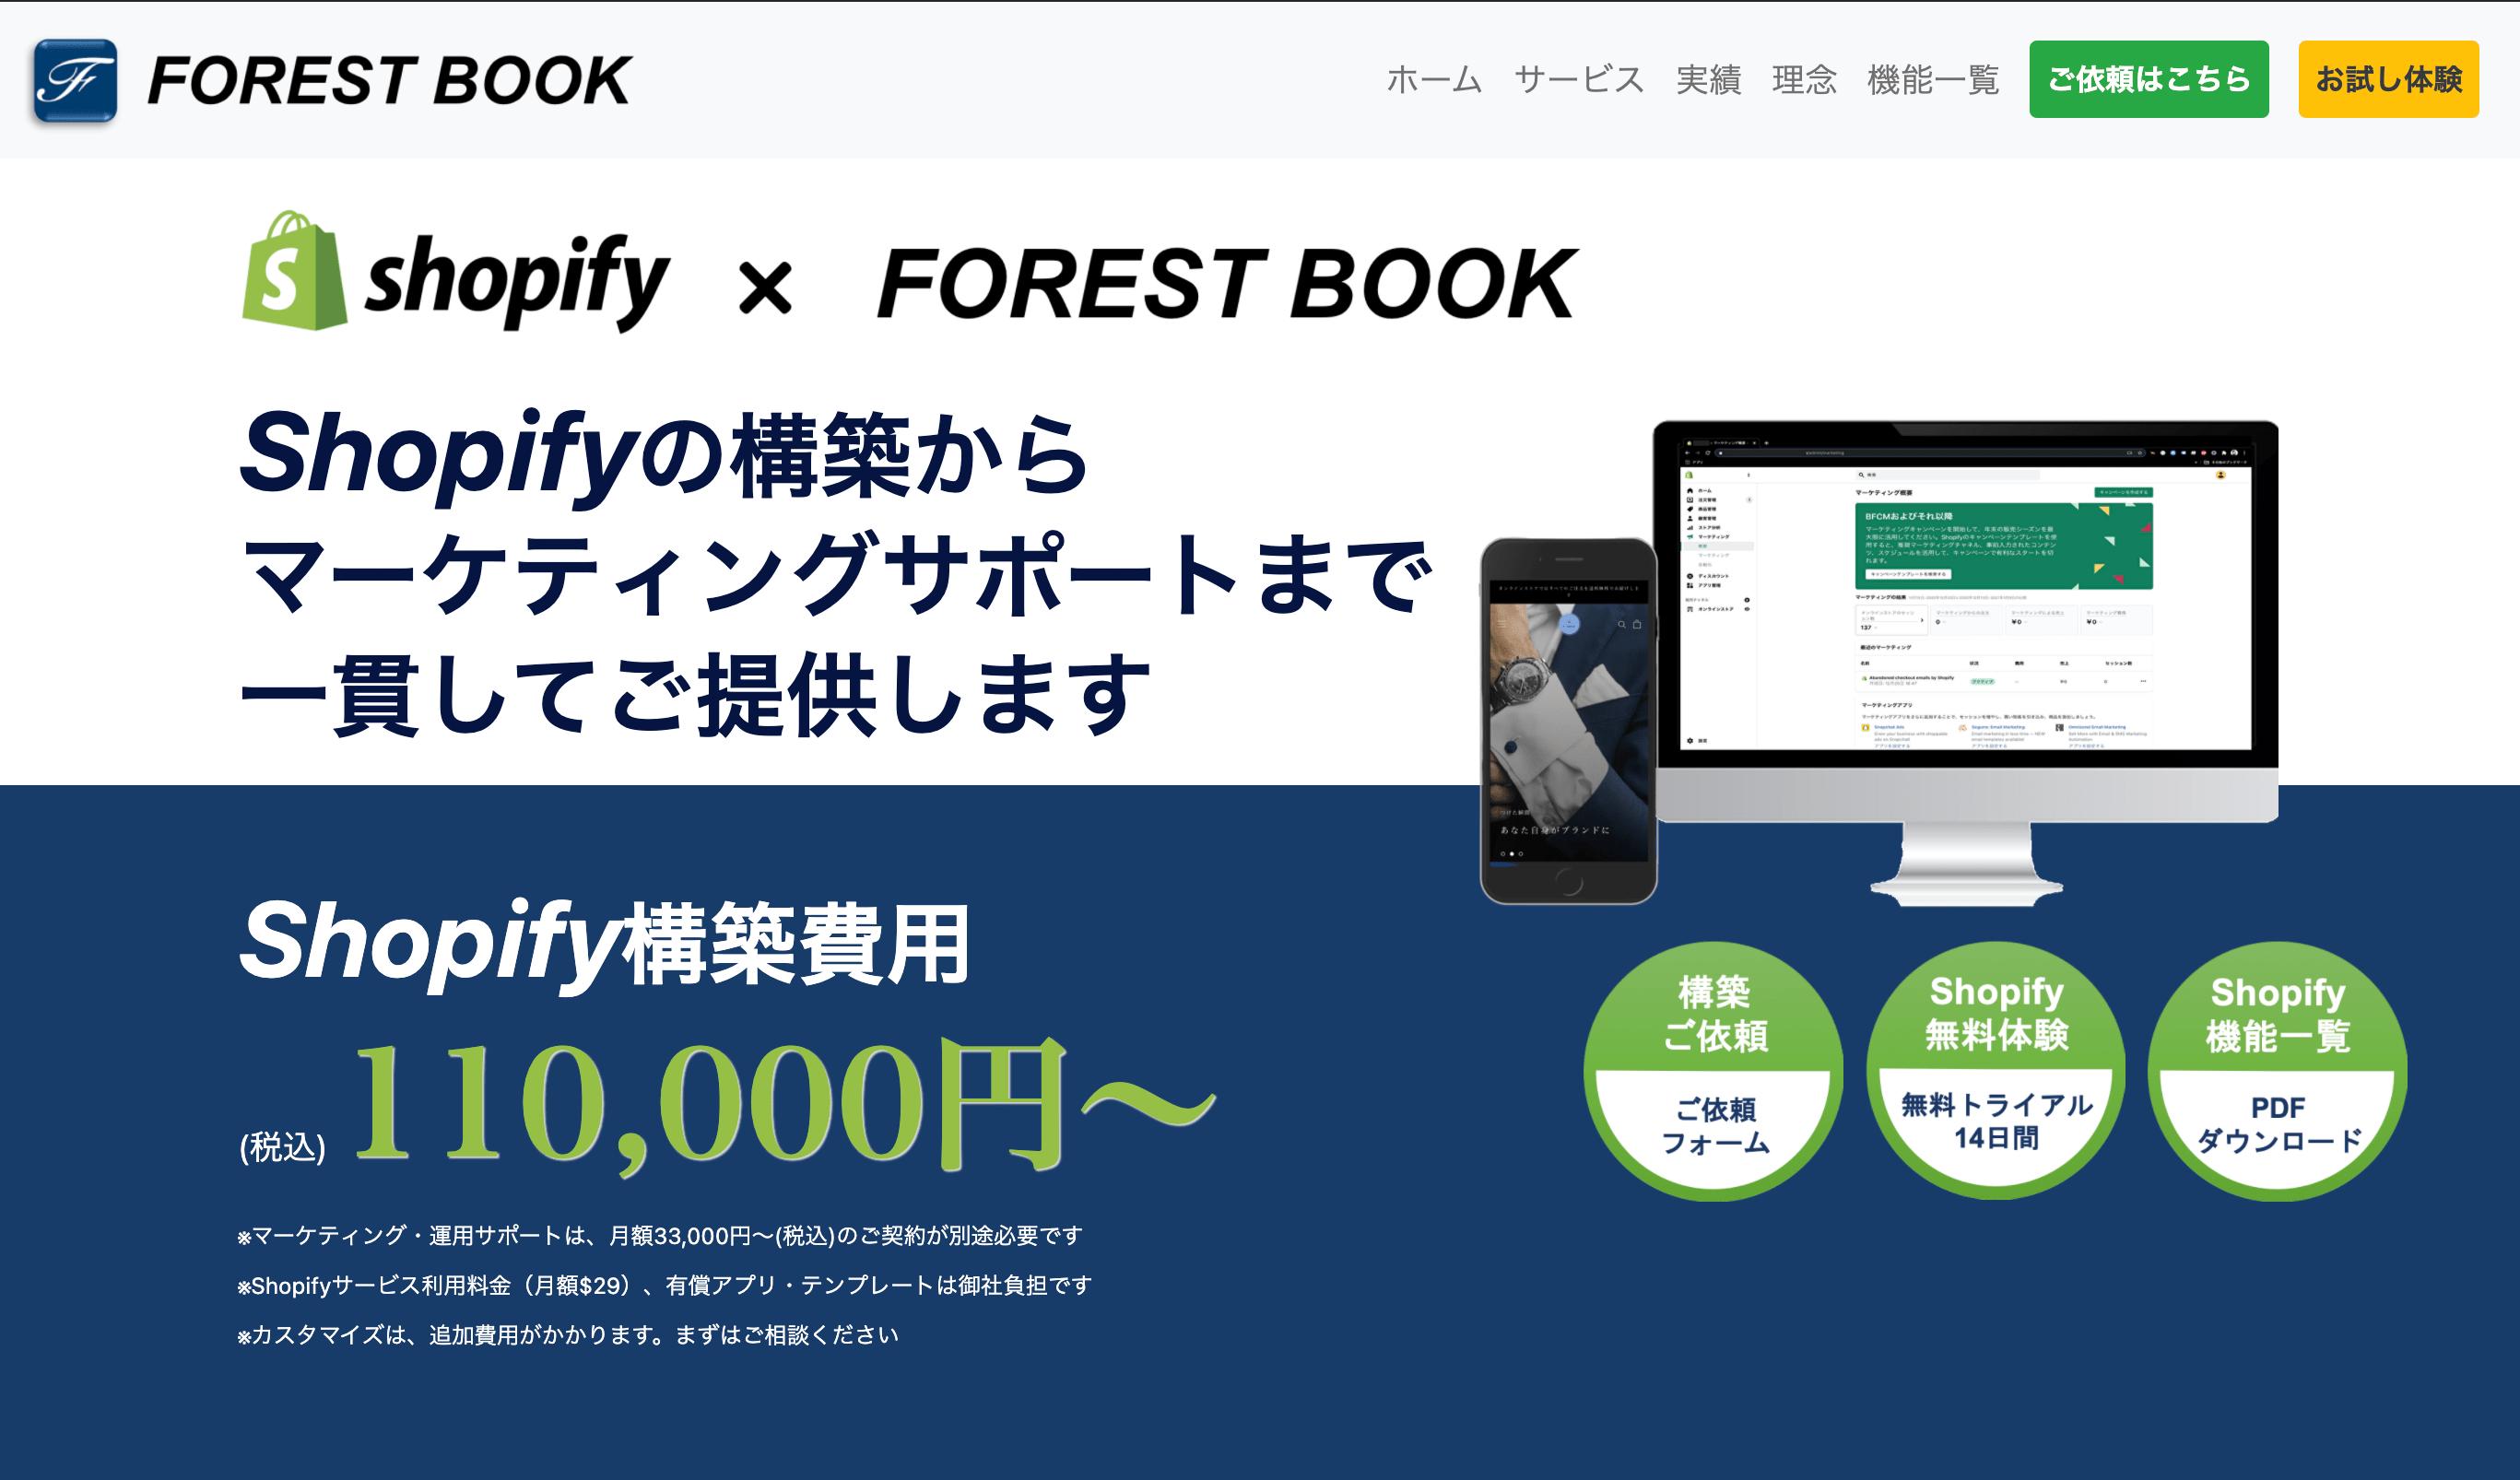 Shopify構築依頼